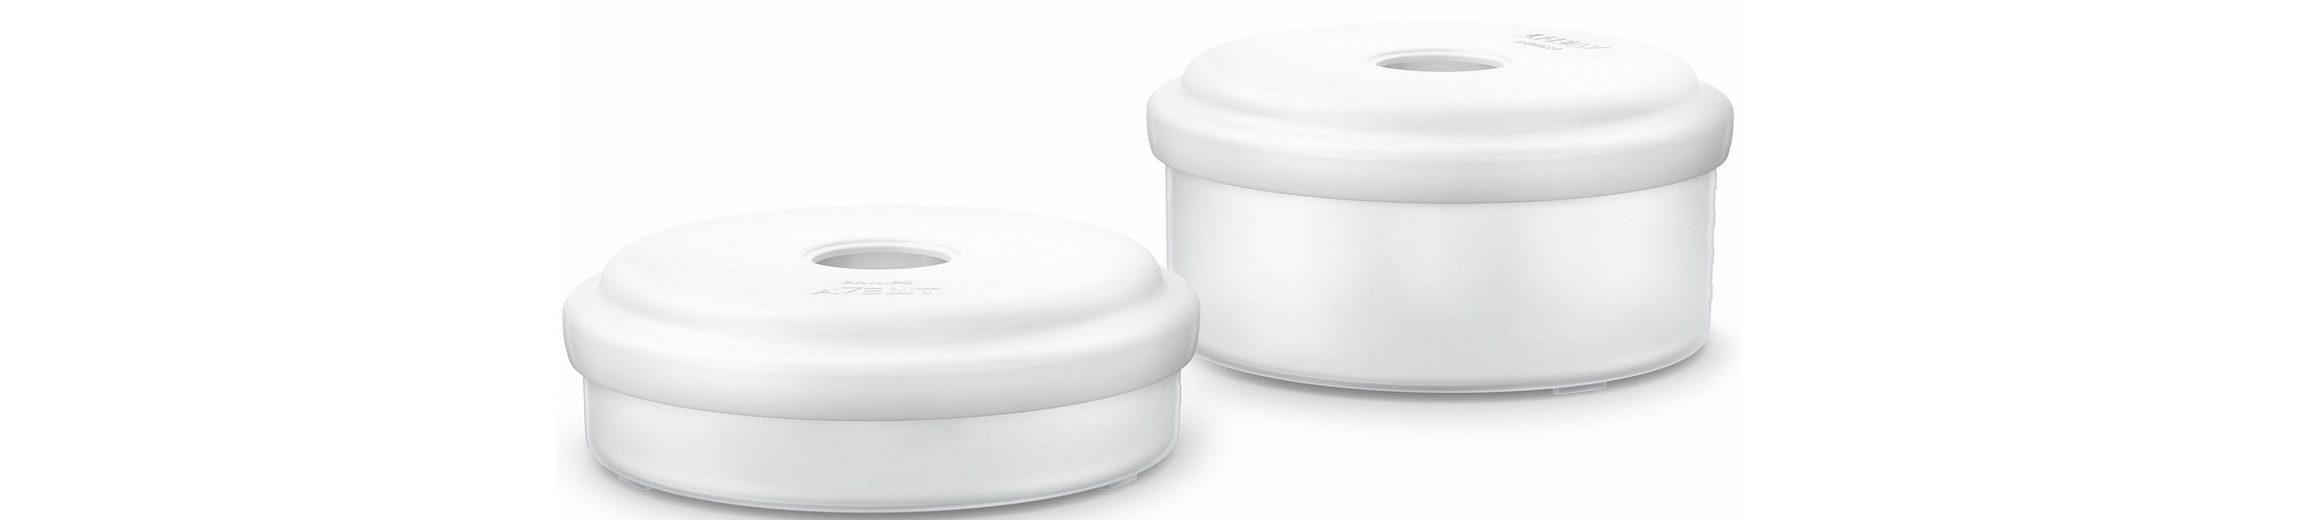 Philips Avent Mehrwegbecher zur Nahrungsaufbewahrung SCF876/02, 2 Becher à 120ml und 240ml